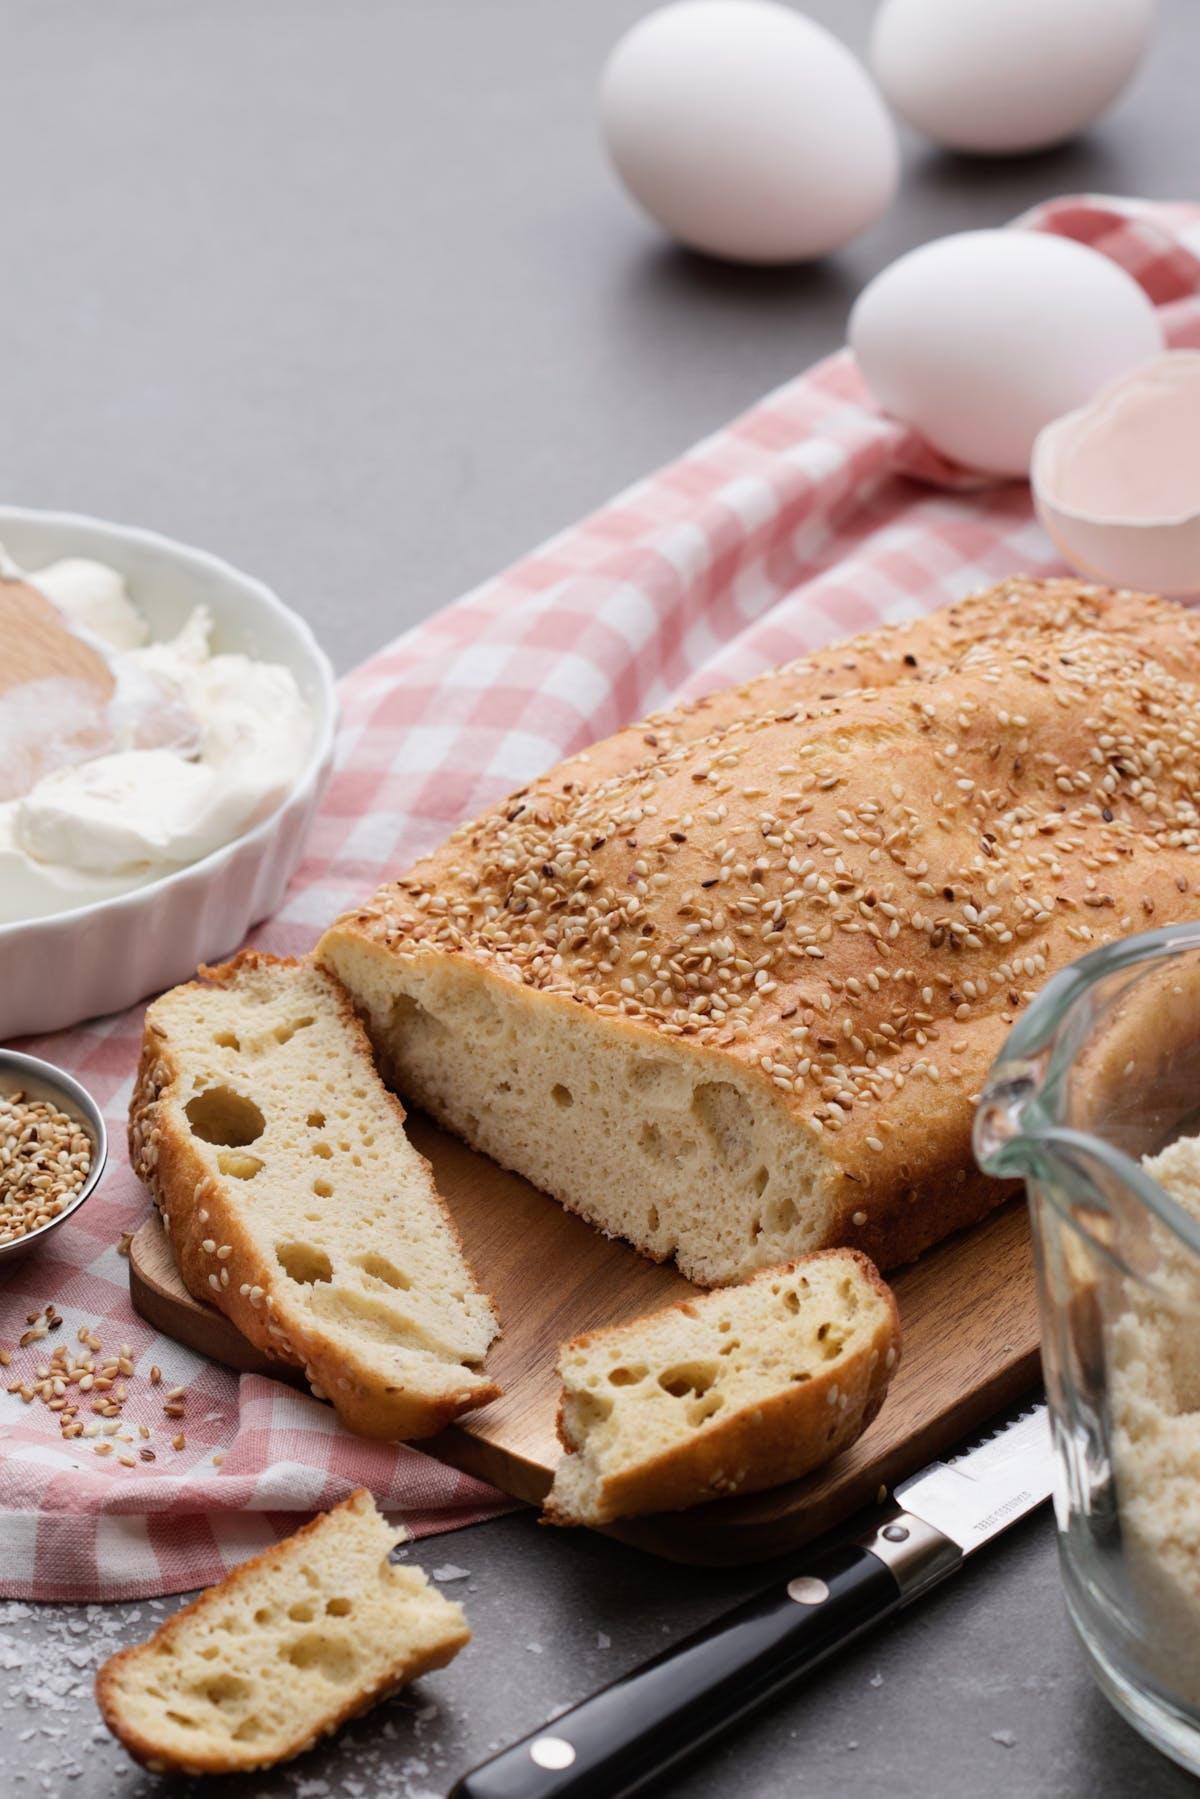 Keto golden sesame bread